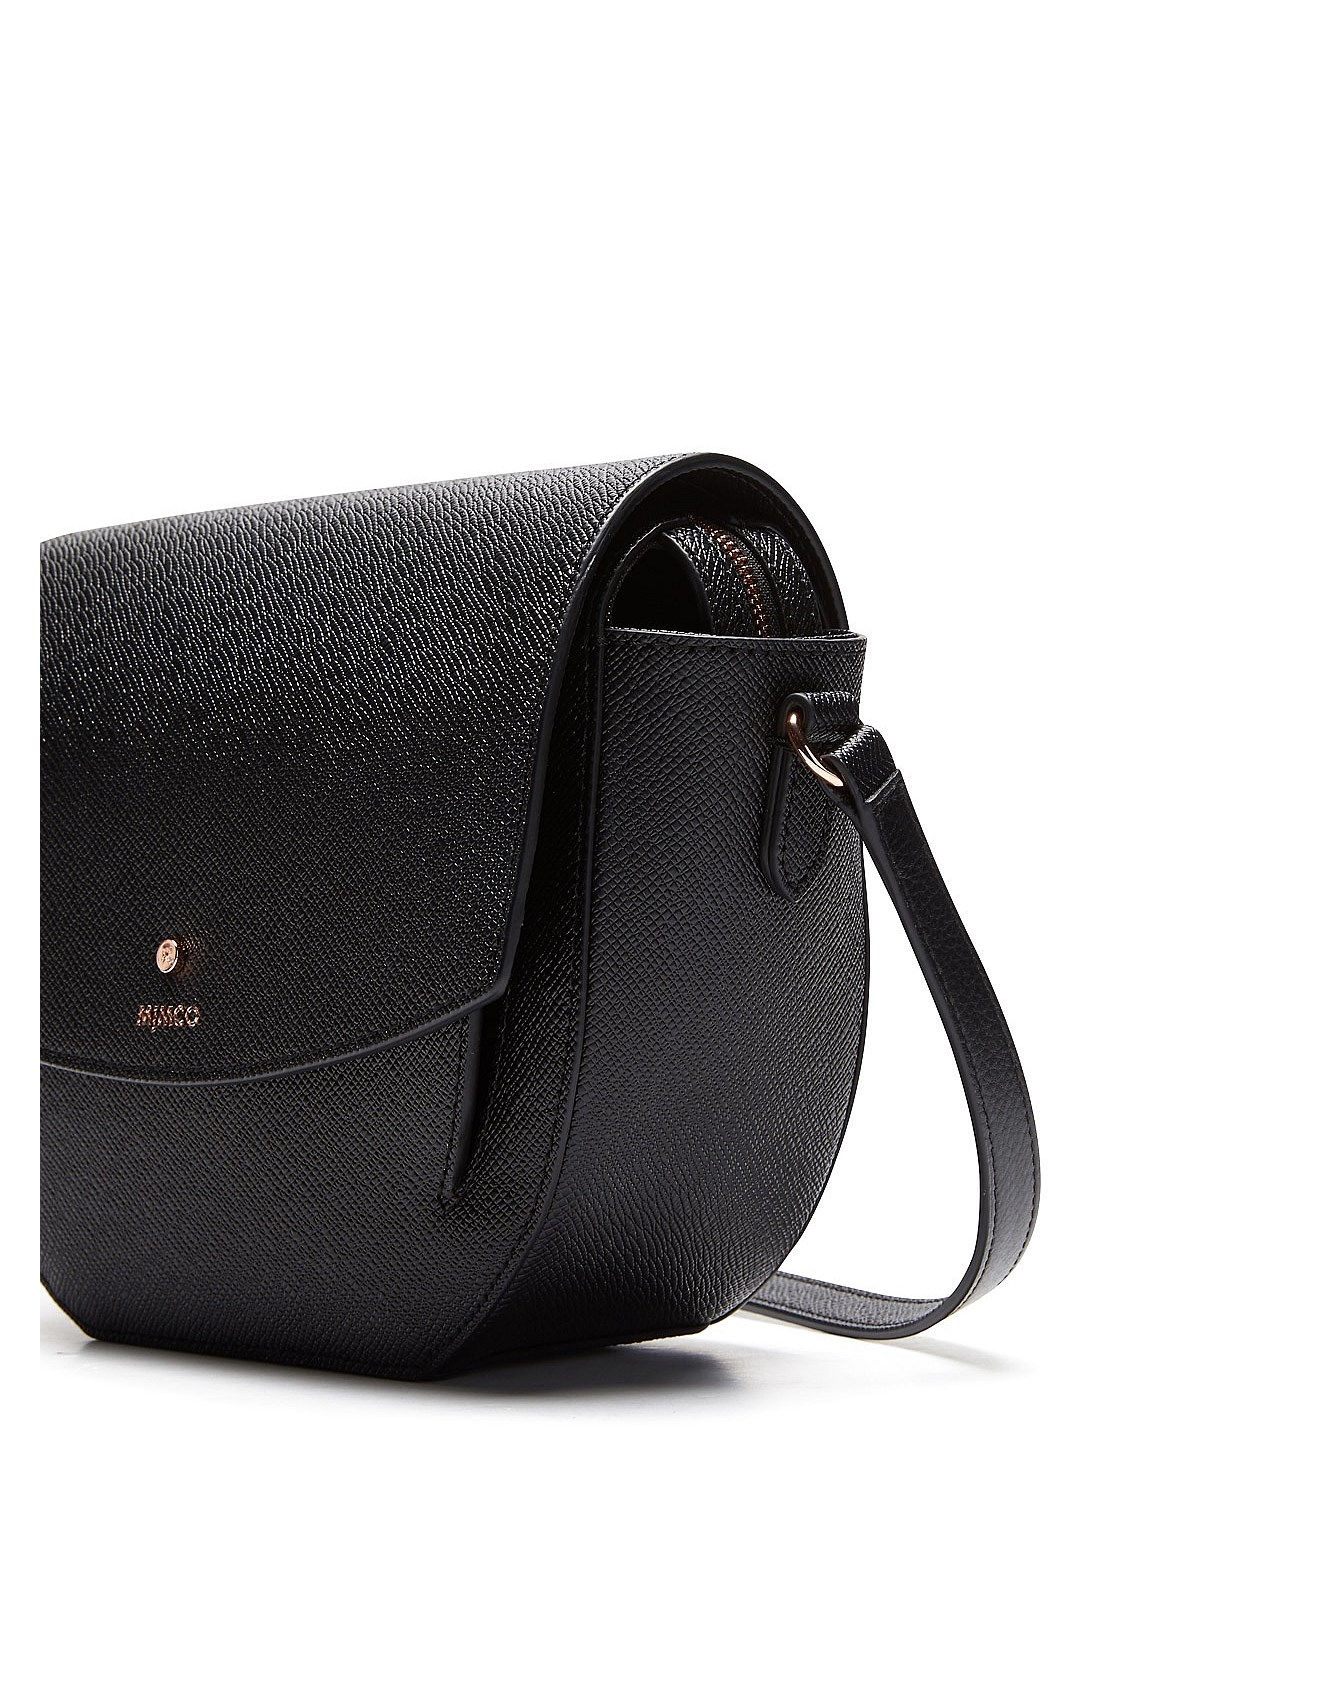 7b3ac31e07 designer saddle bag - Ecosia